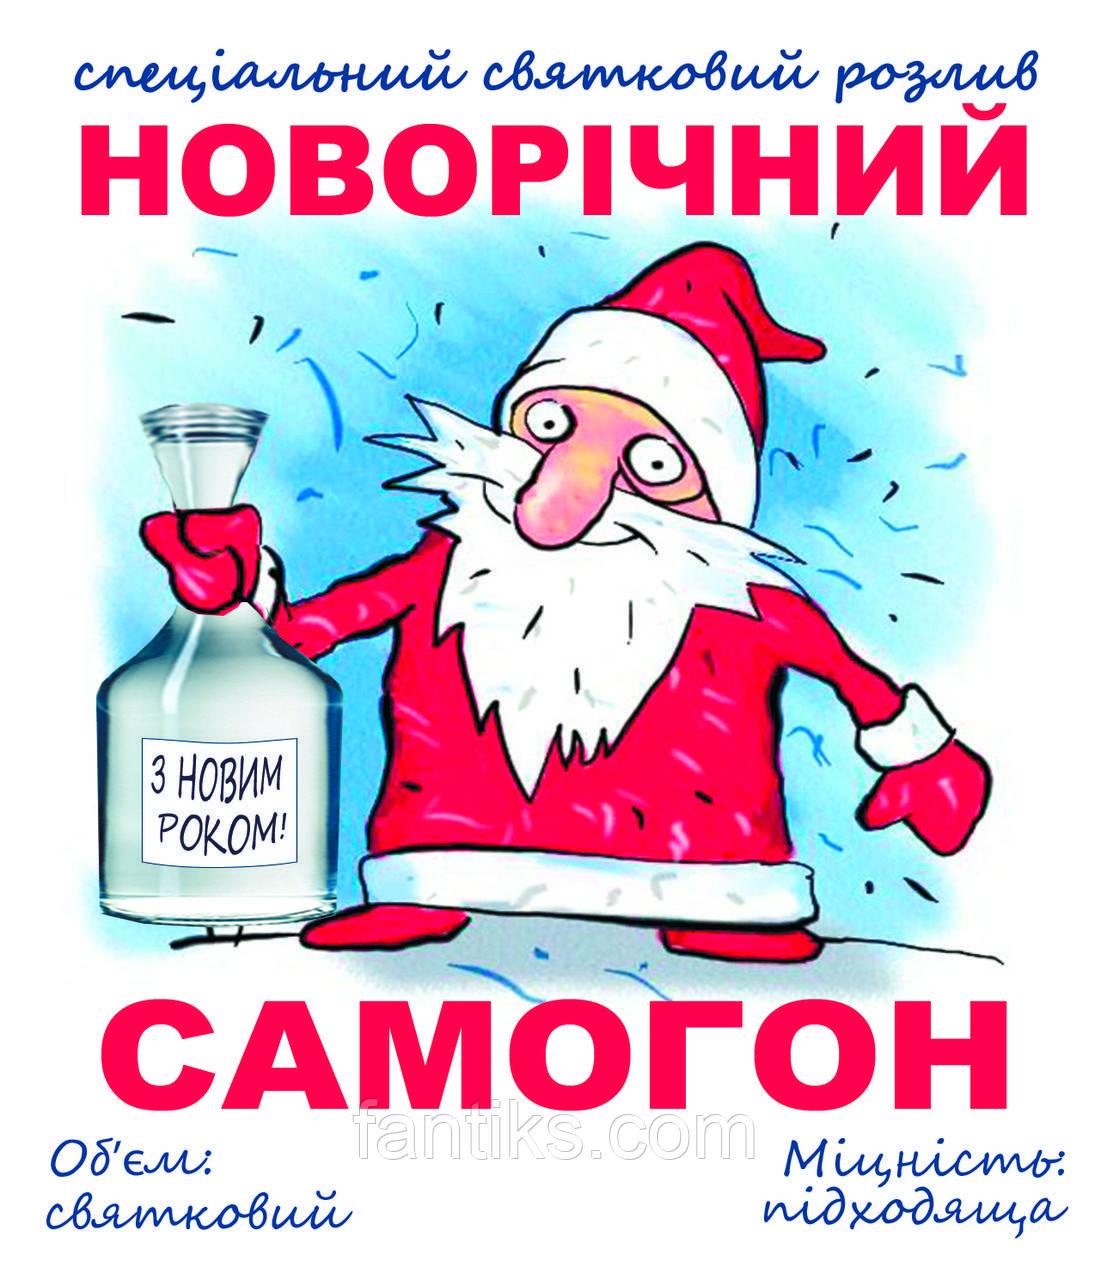 Новорічний САМОГОН - тільки передня наклейка на пляшку